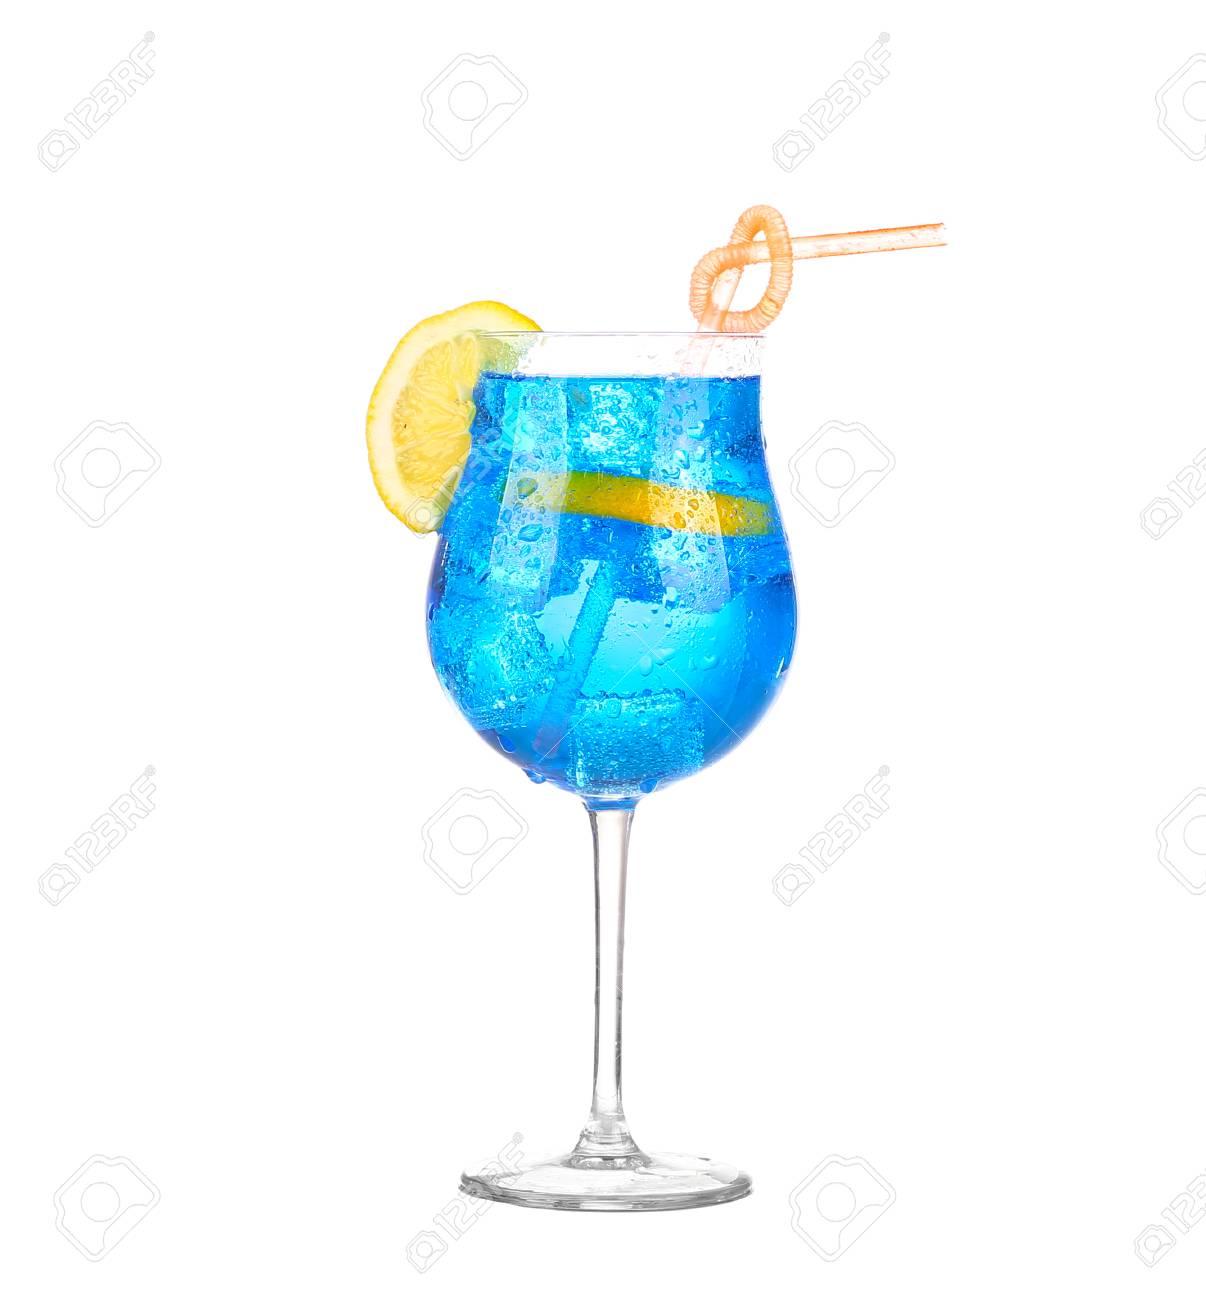 Blau Getränke Whit Sparkllng Soda Und Eis Im Glas Isoliert Auf Weiß ...